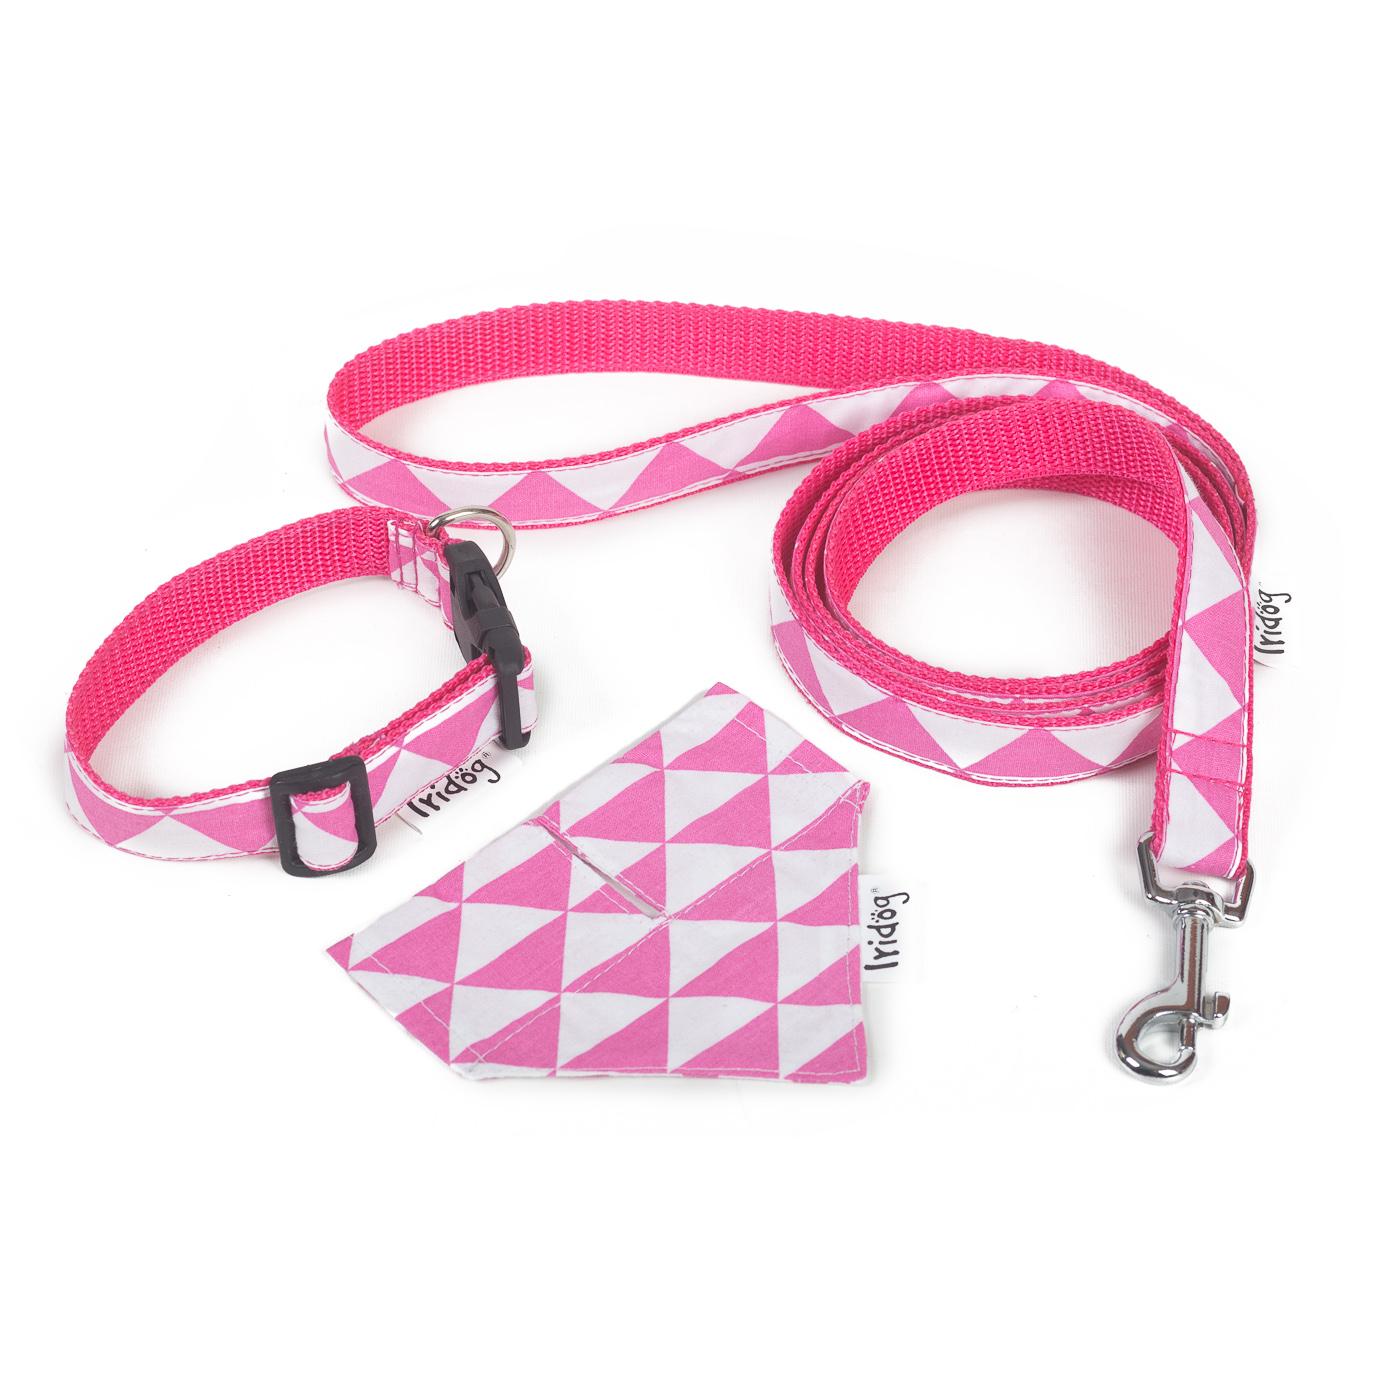 Set obojek, vodítko a šáteček, no. 40, růžový triangl